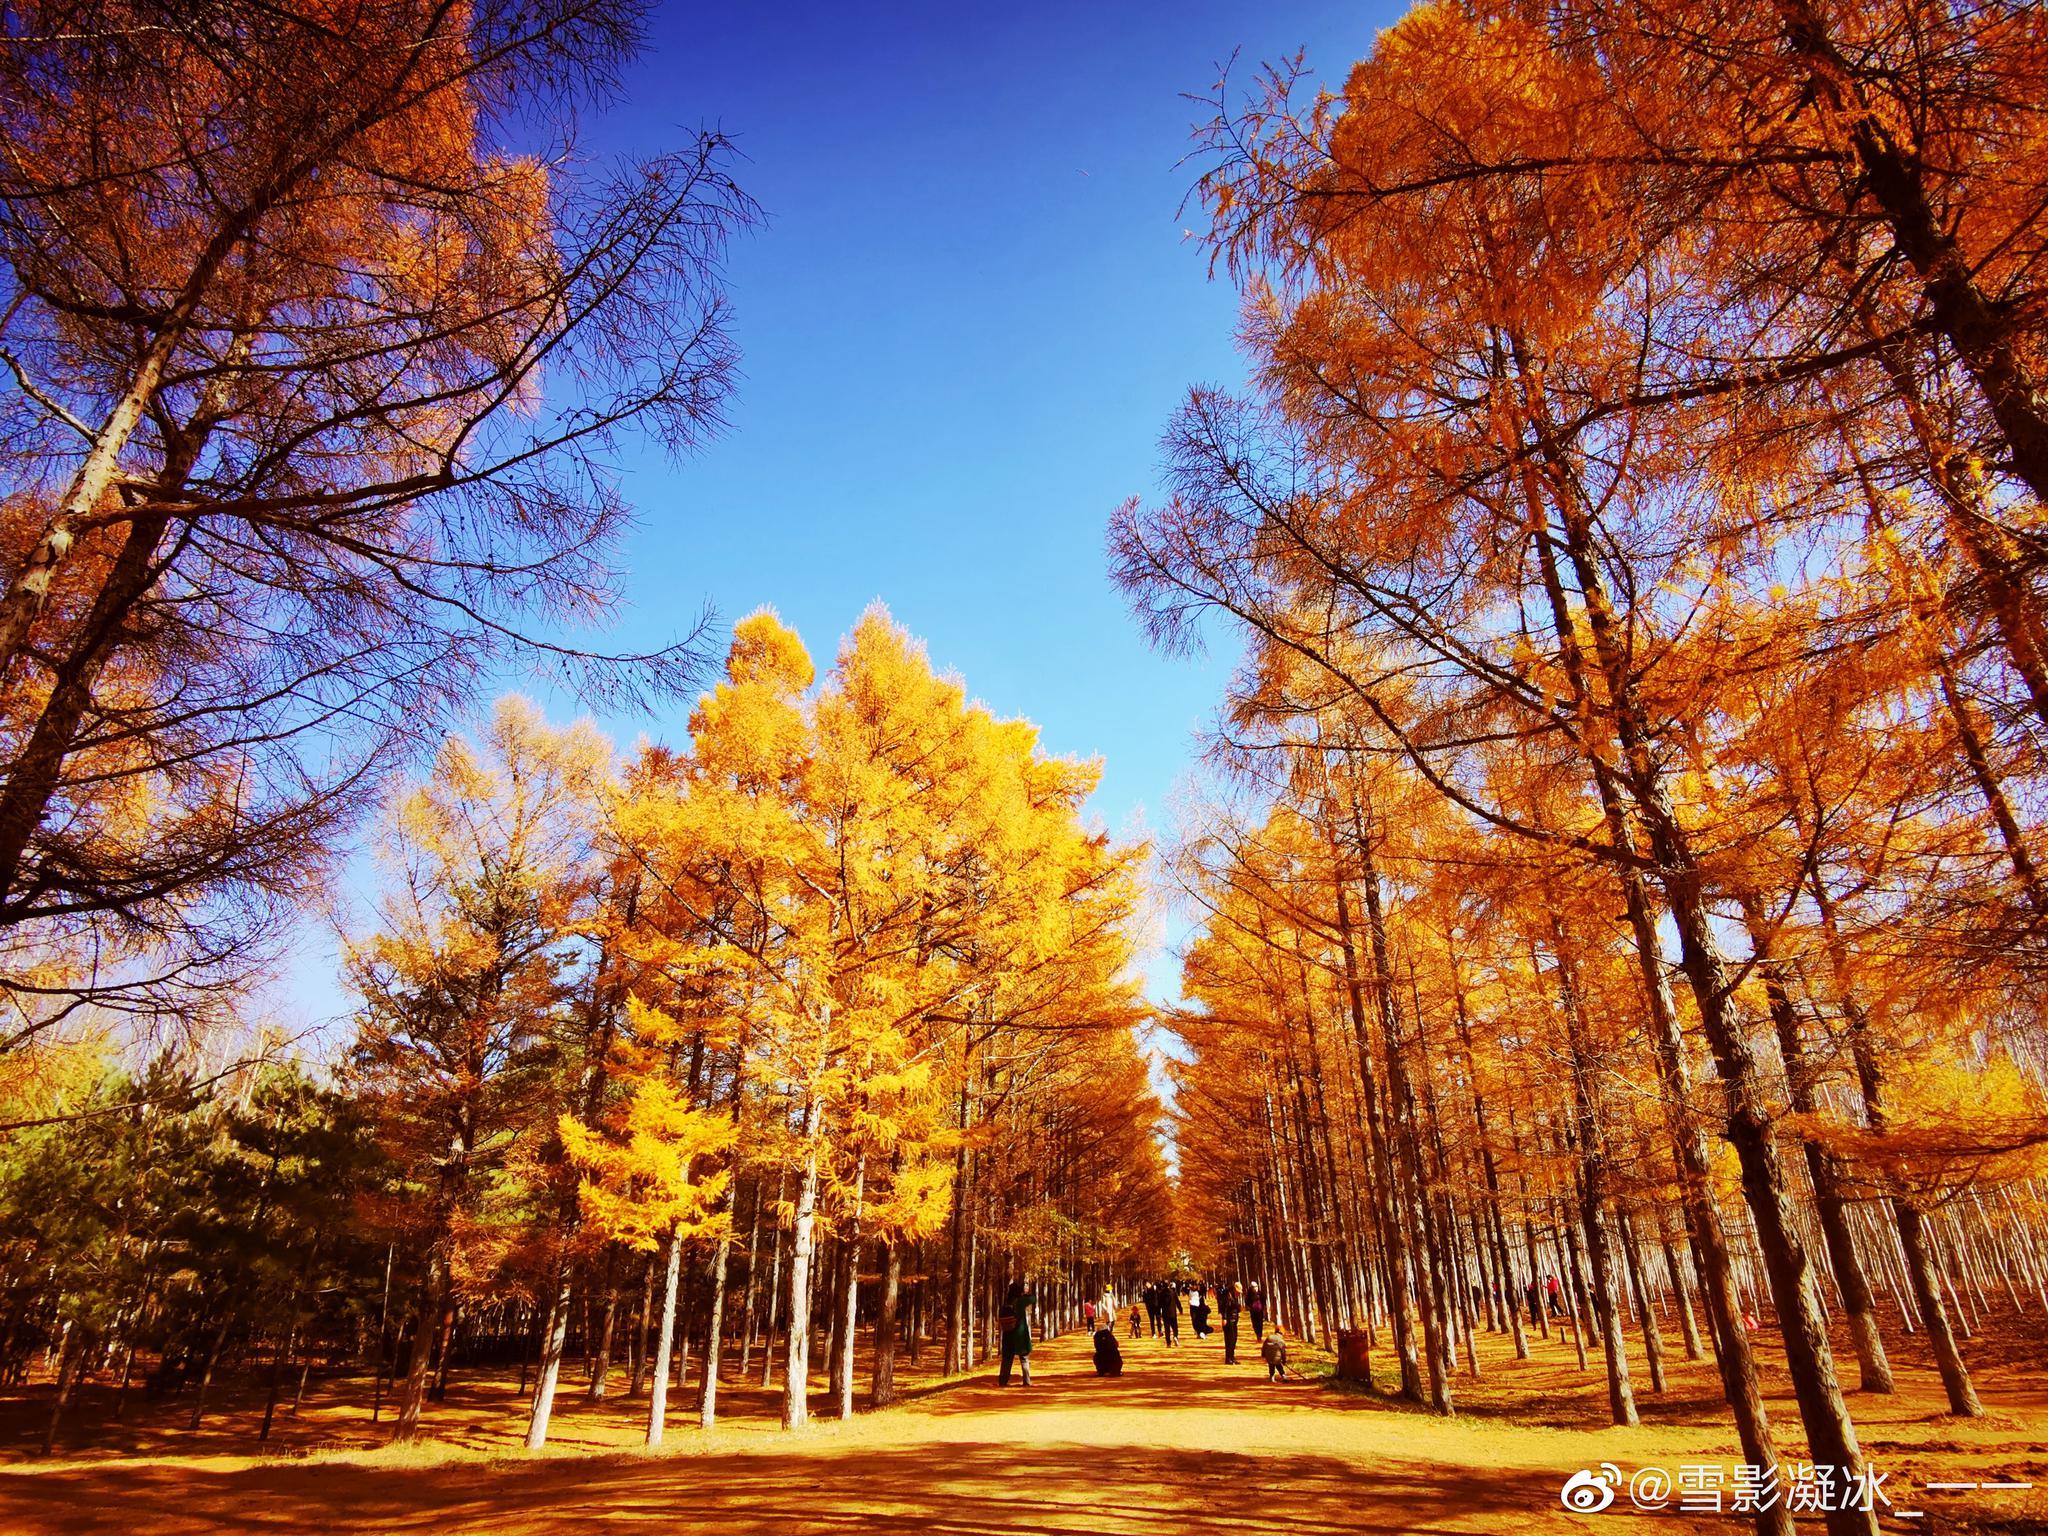 秋高气爽夜来霜 数树深红出浅黄